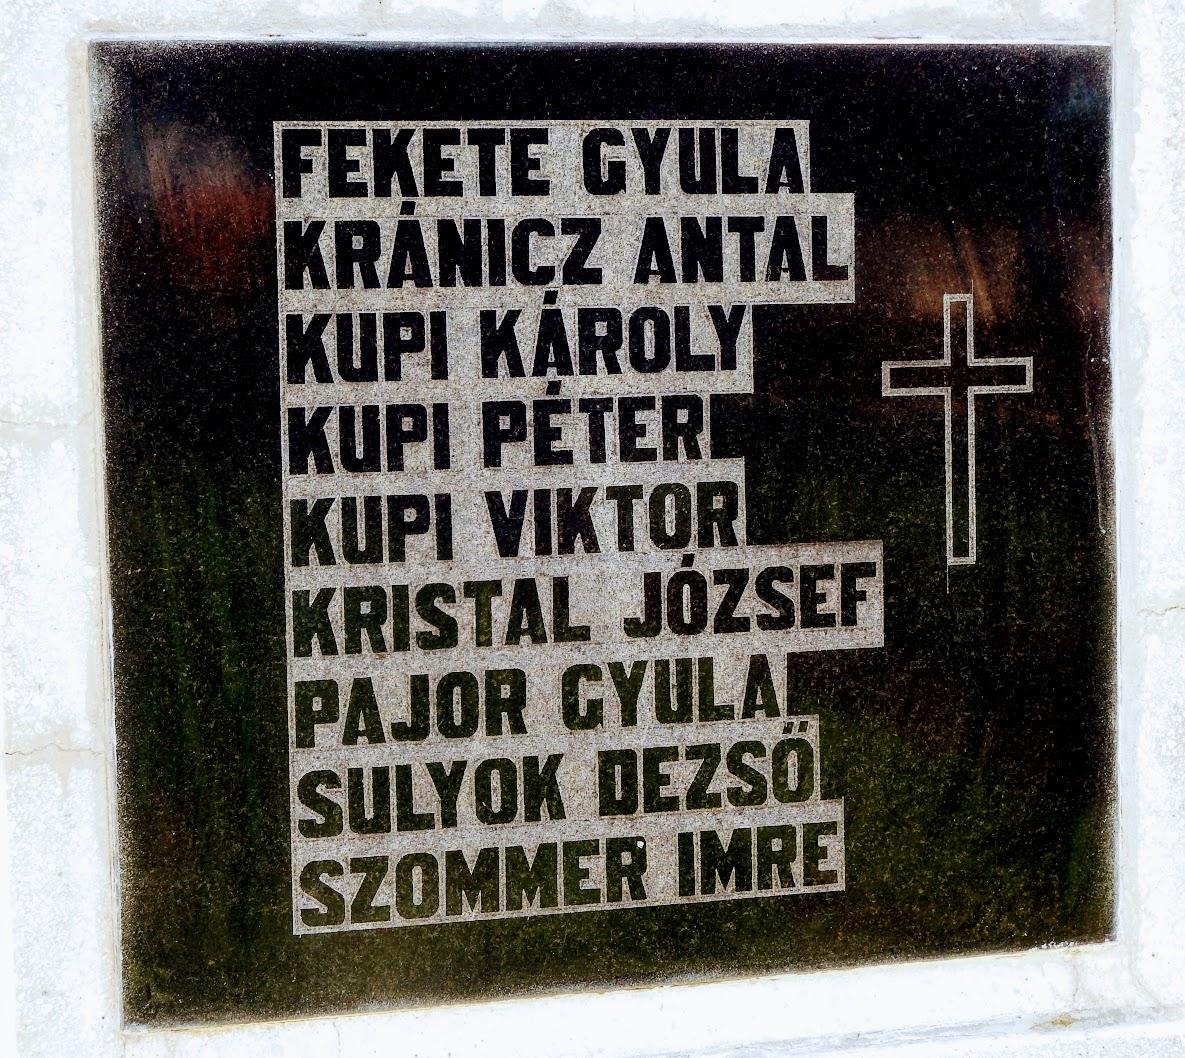 Egervölgy - I. és II. világháborús emlékmű